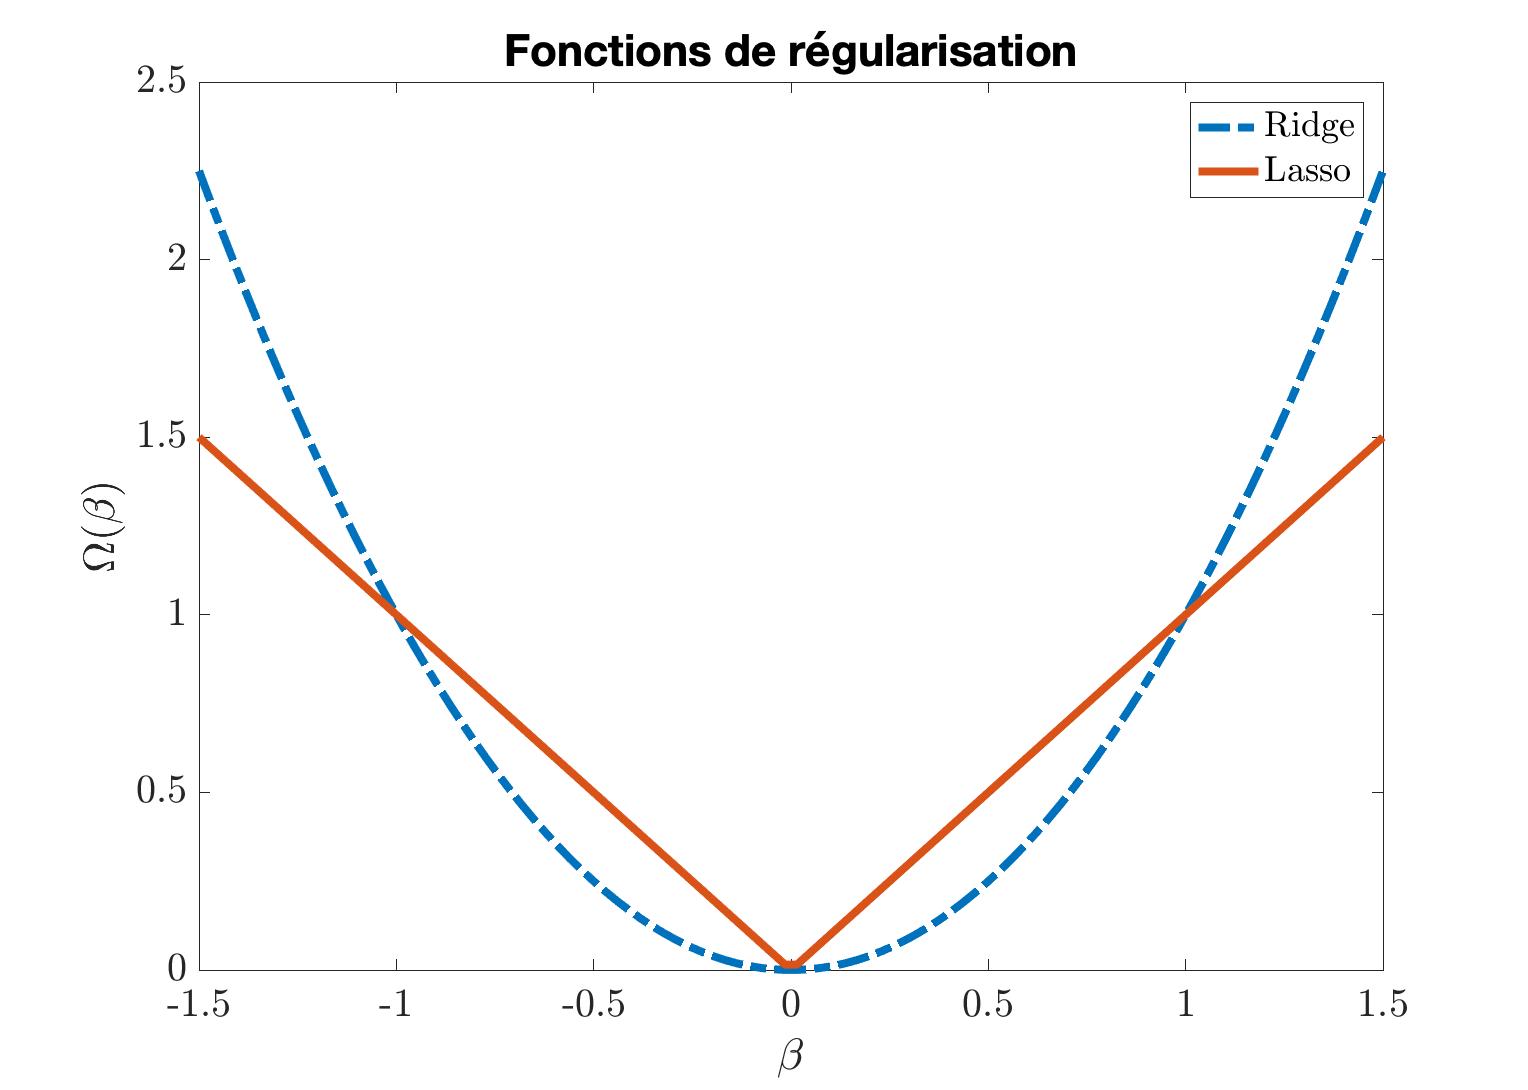 Figure 3 : fonctions de régularisation ridge et lasso